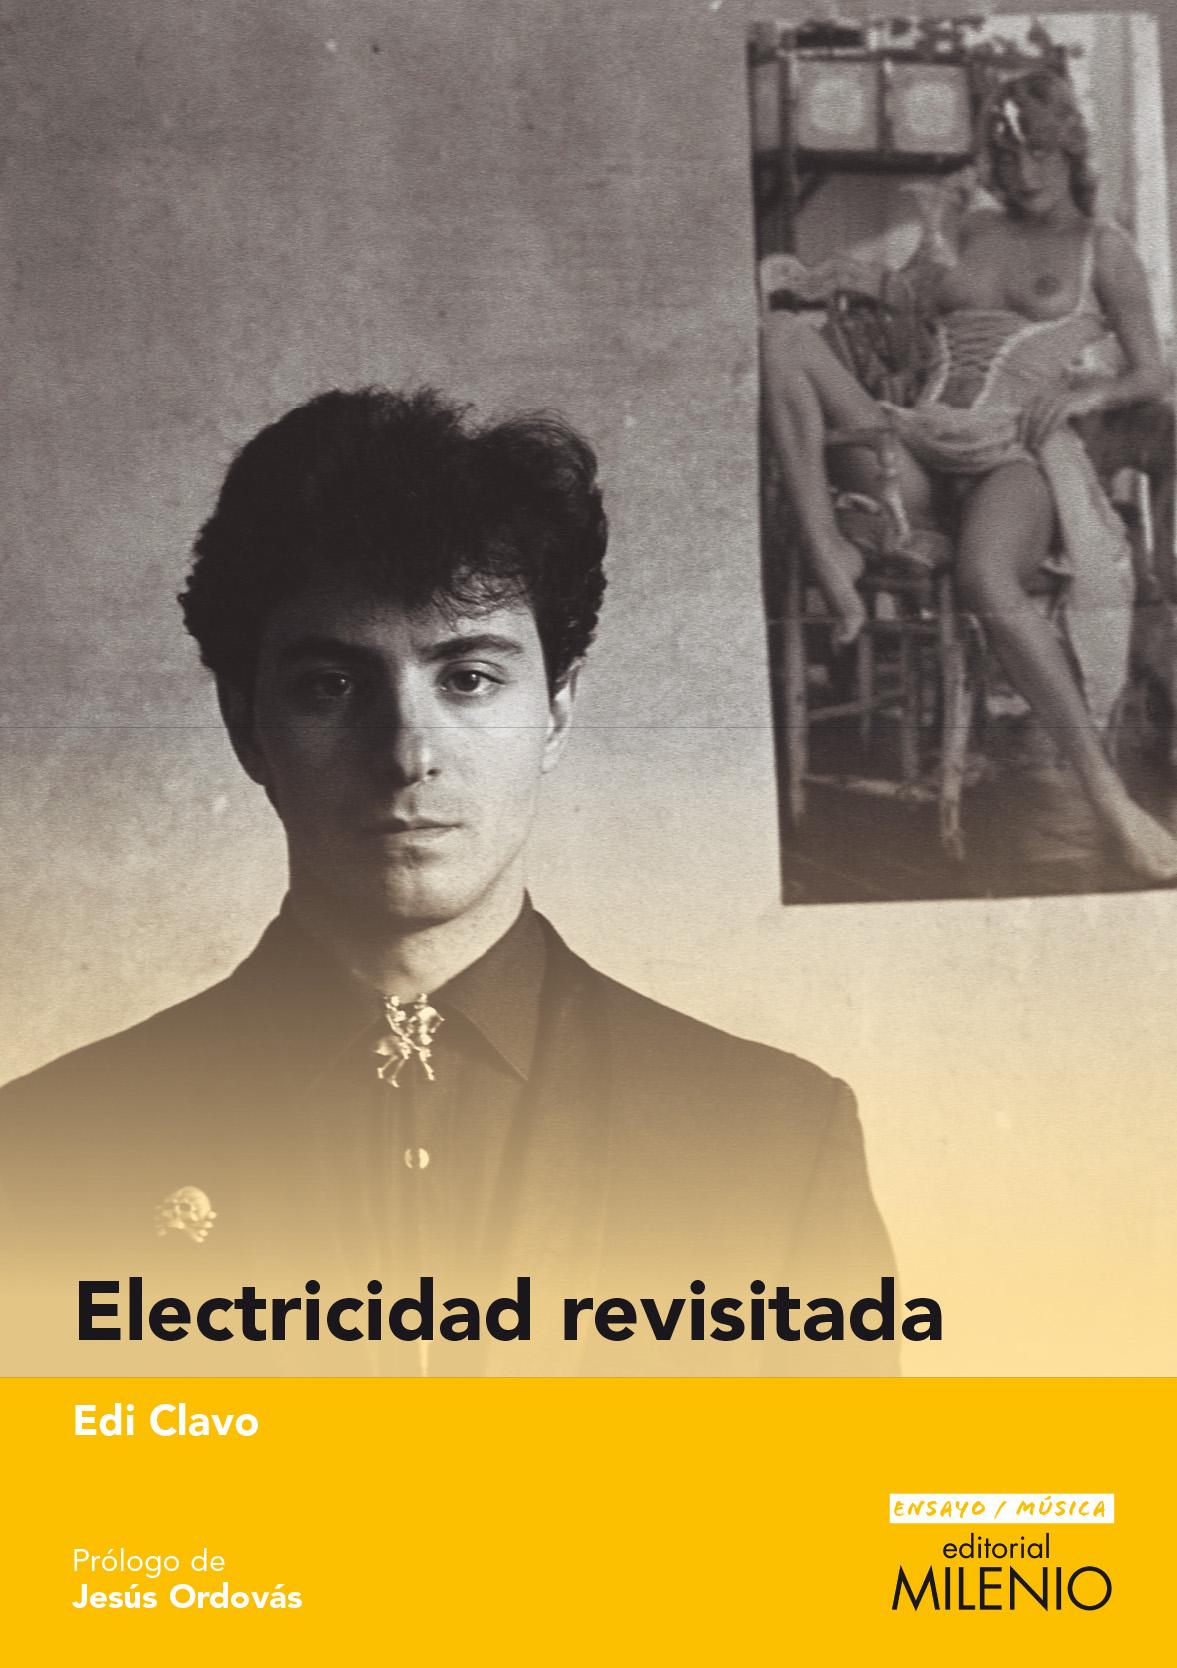 ELECTRICIDAD REVISITADA